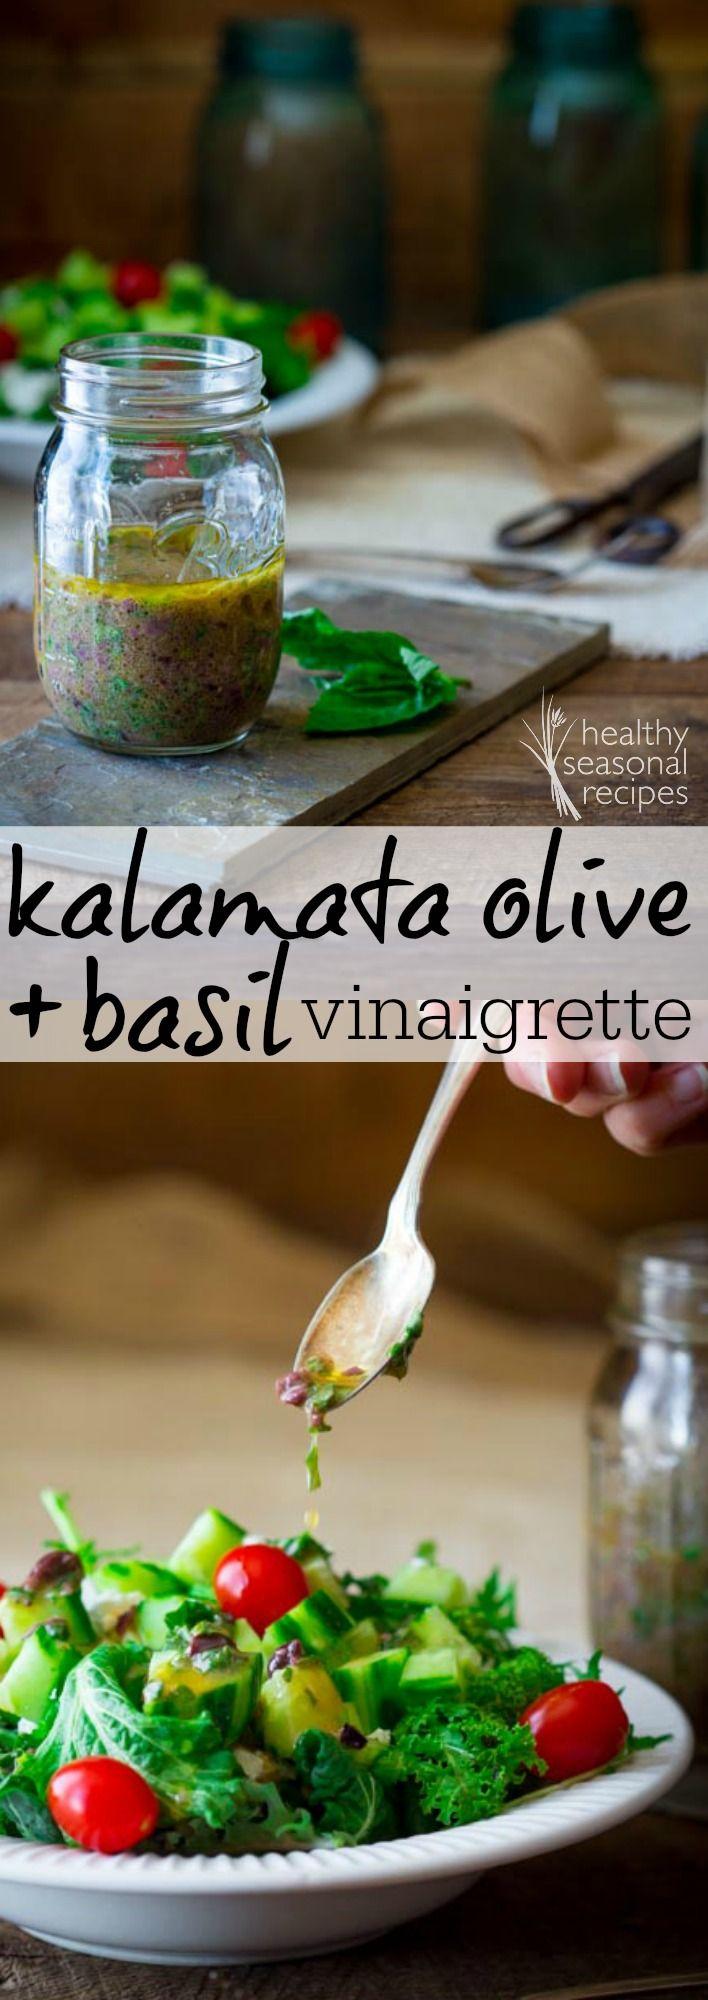 kalamata olive and basil vinaigrette - Healthy Seasonal Recipes